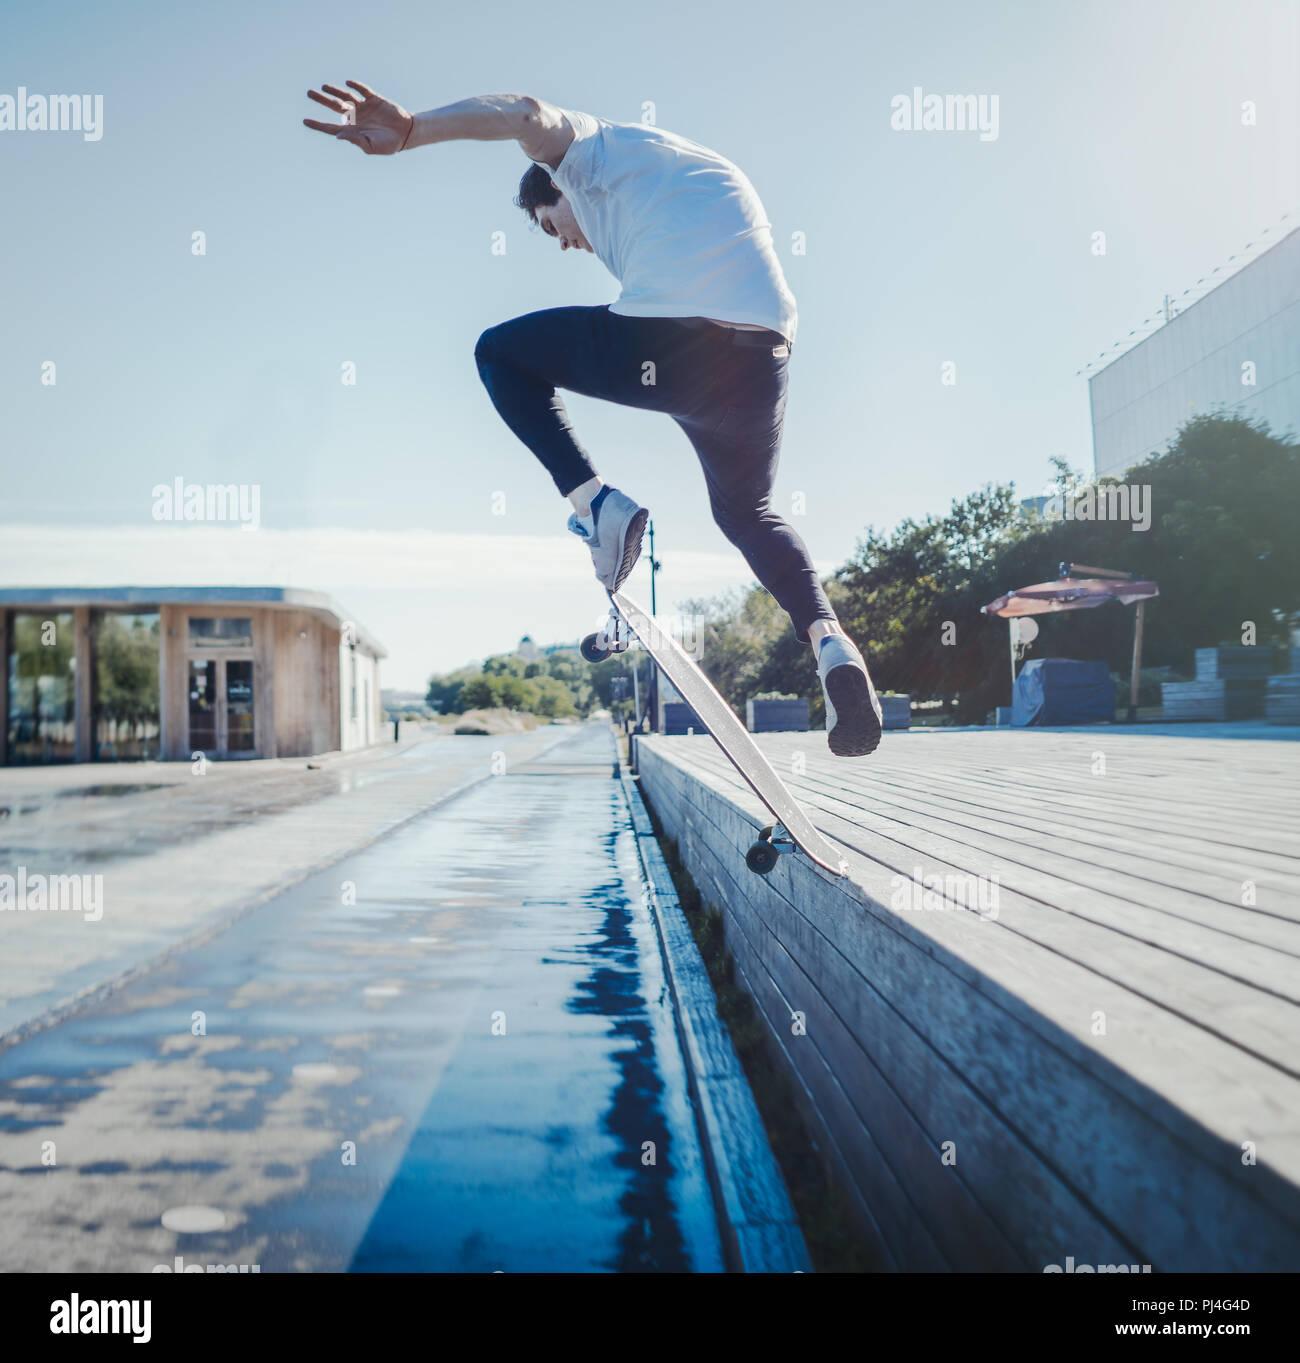 Giovane uomo attraente di equitazione e jumping longboard nel parco. Immagini Stock